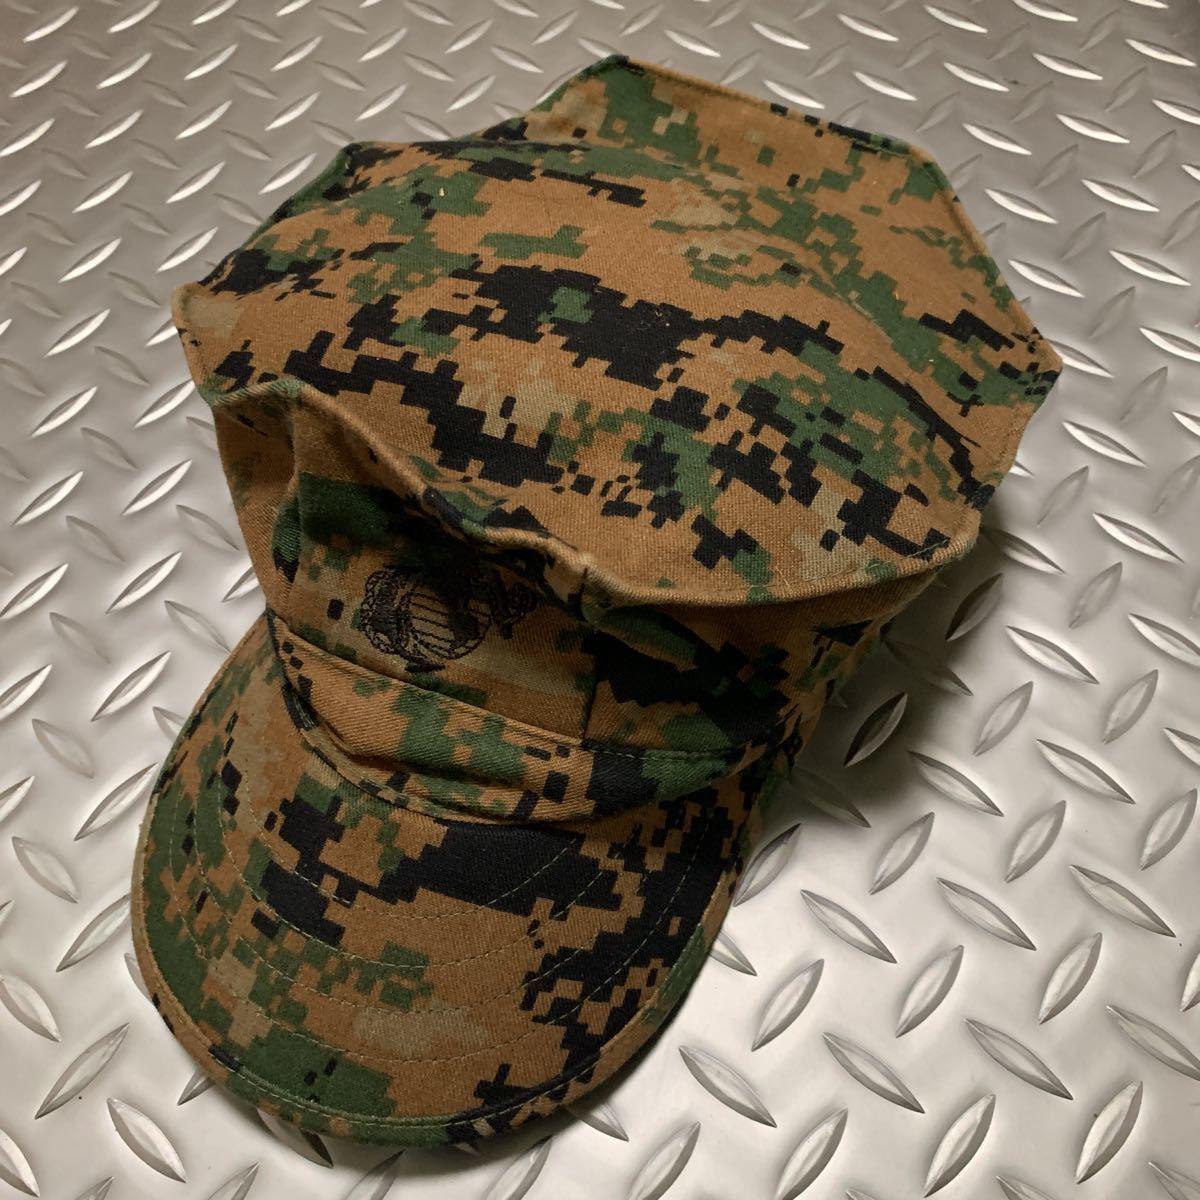 米軍 実物 新品 USMC 海兵隊 マーパット 帽子 サイズ L ミリタリーキャップ パトロールキャップ _画像1